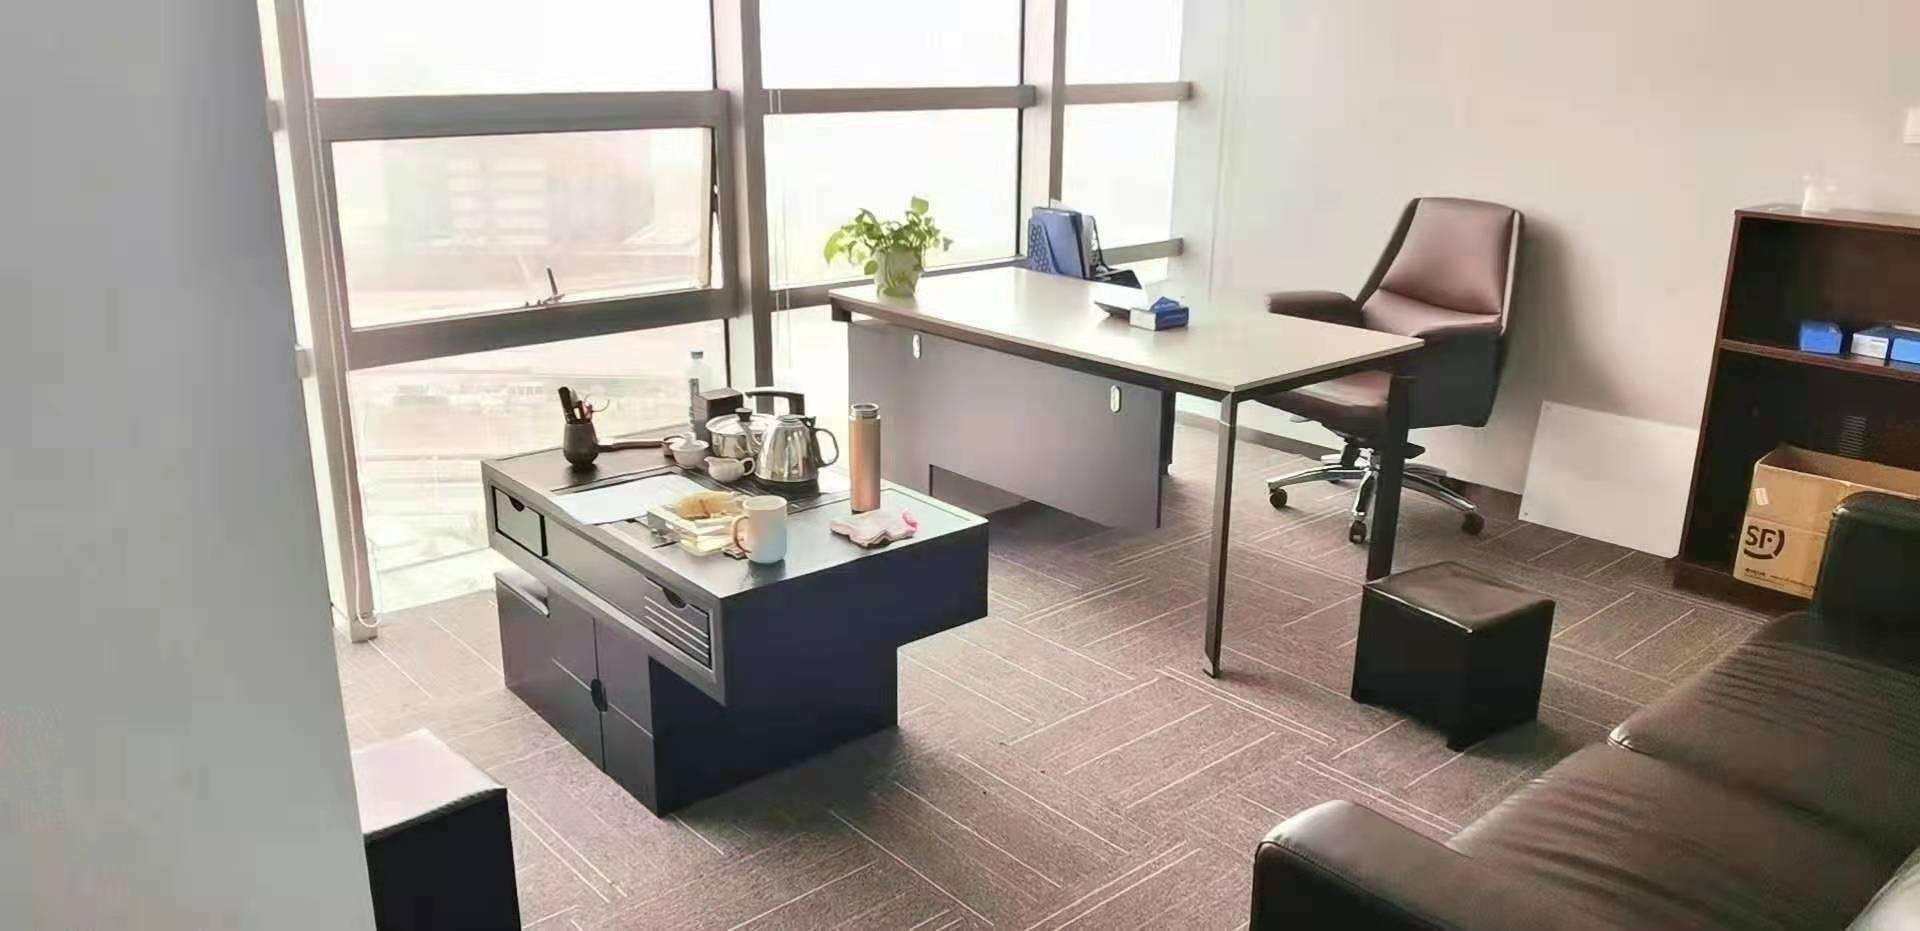 晨讯科技大厦247平精装办公室出租